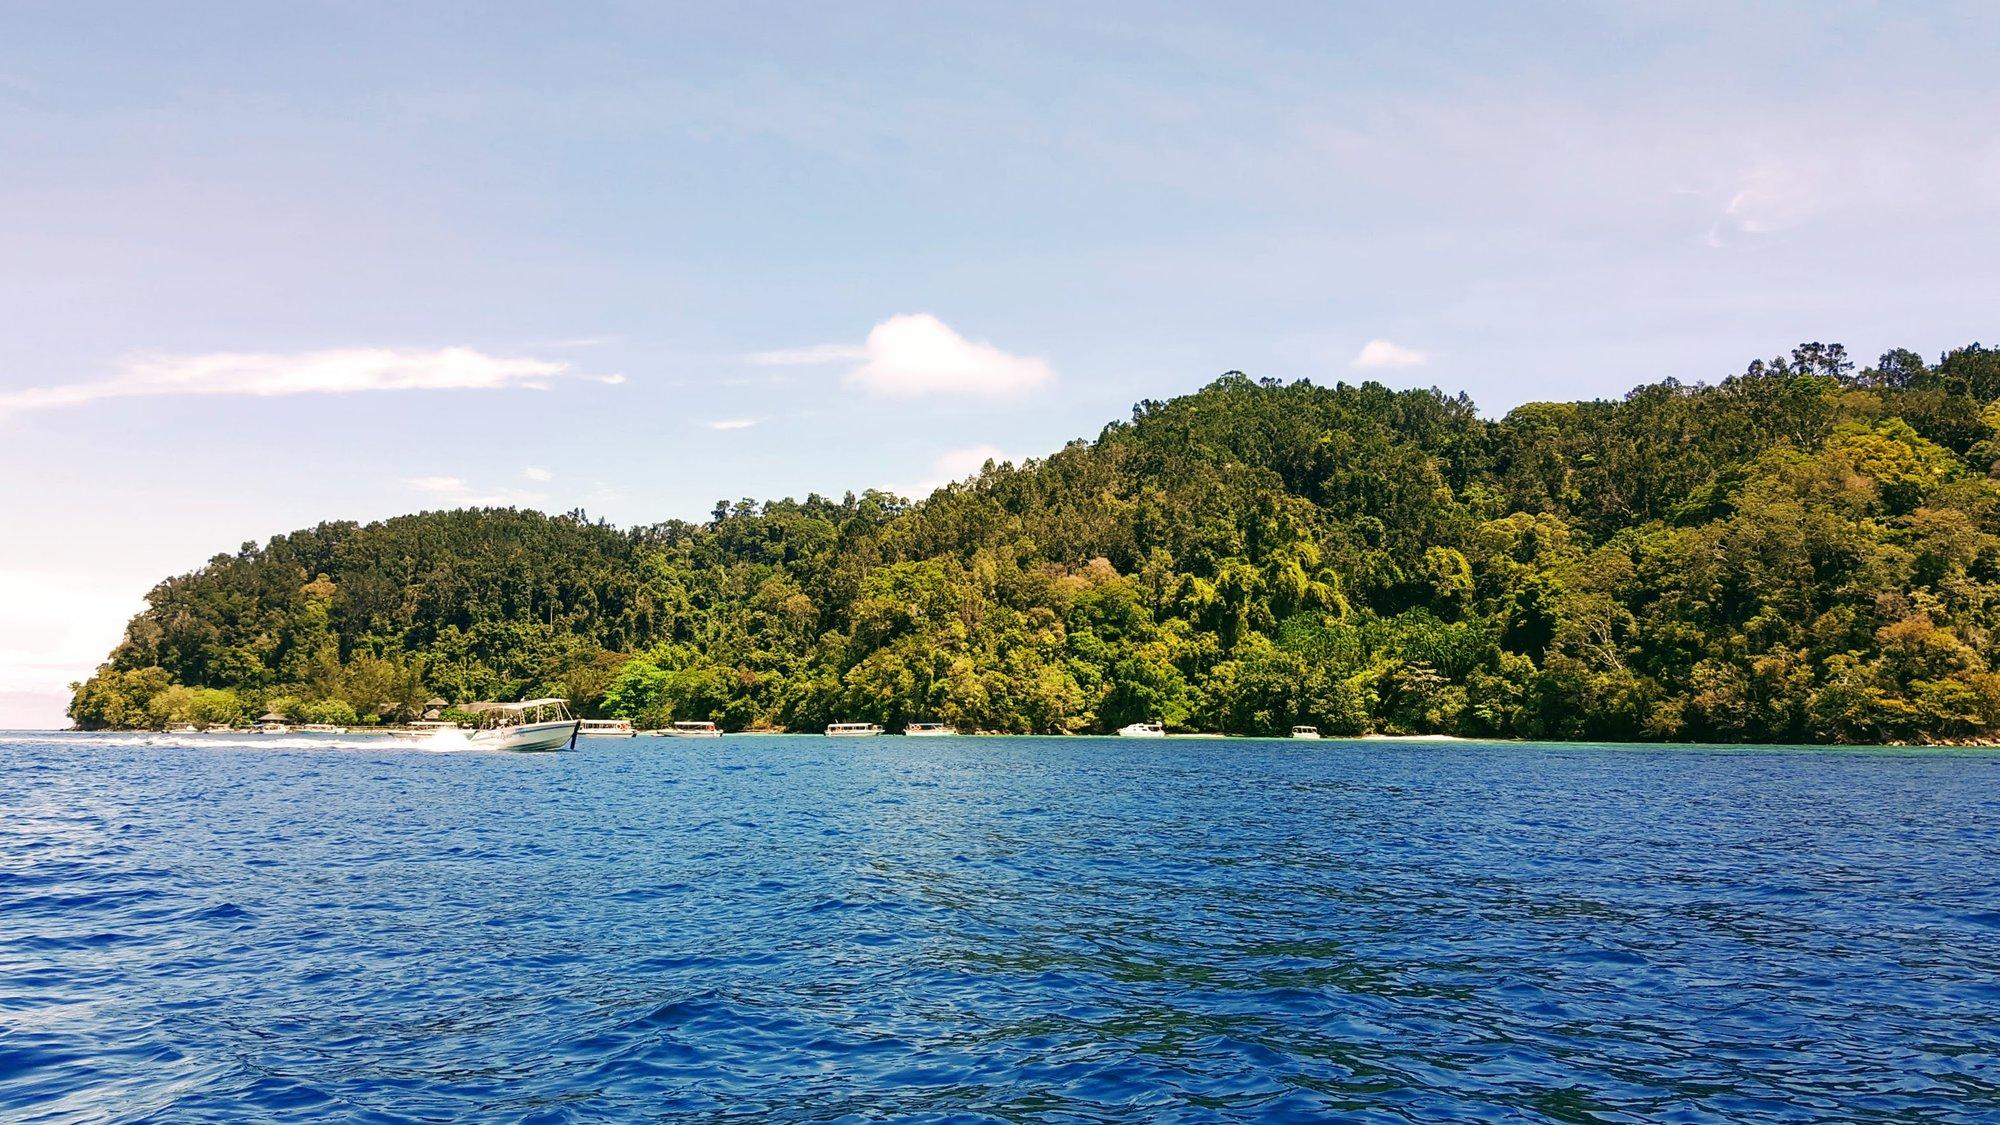 příjezd lodí k ostrovu Gaya